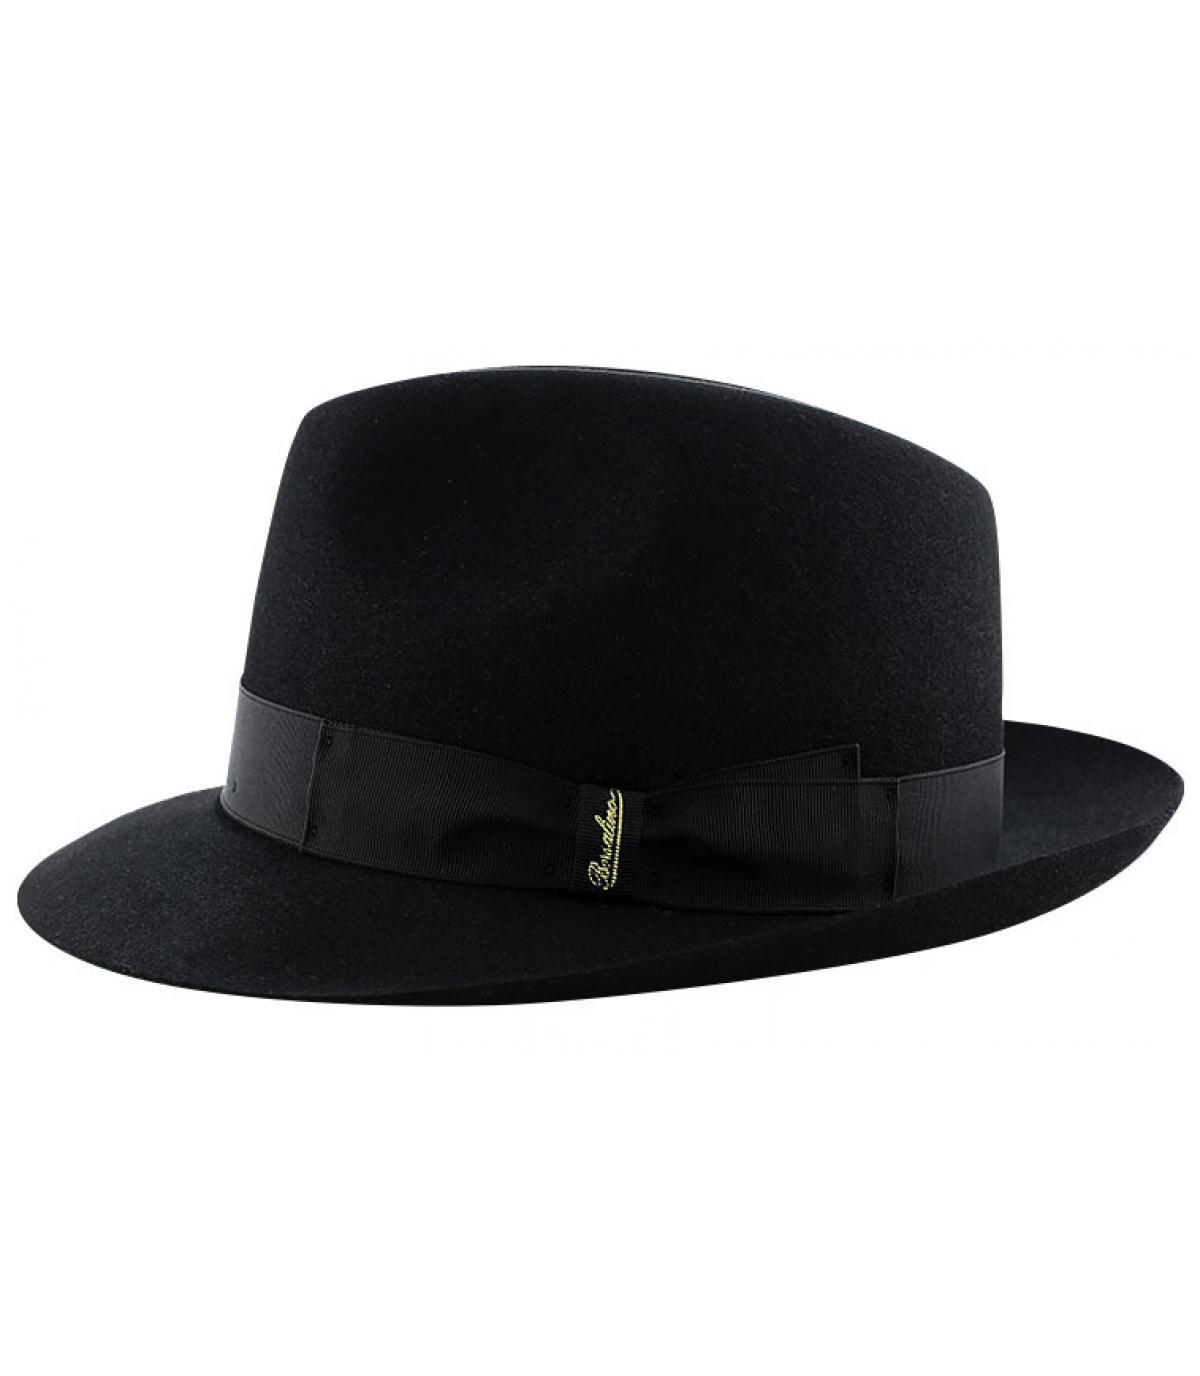 Details Marengo black fur felt hat - afbeeling 4